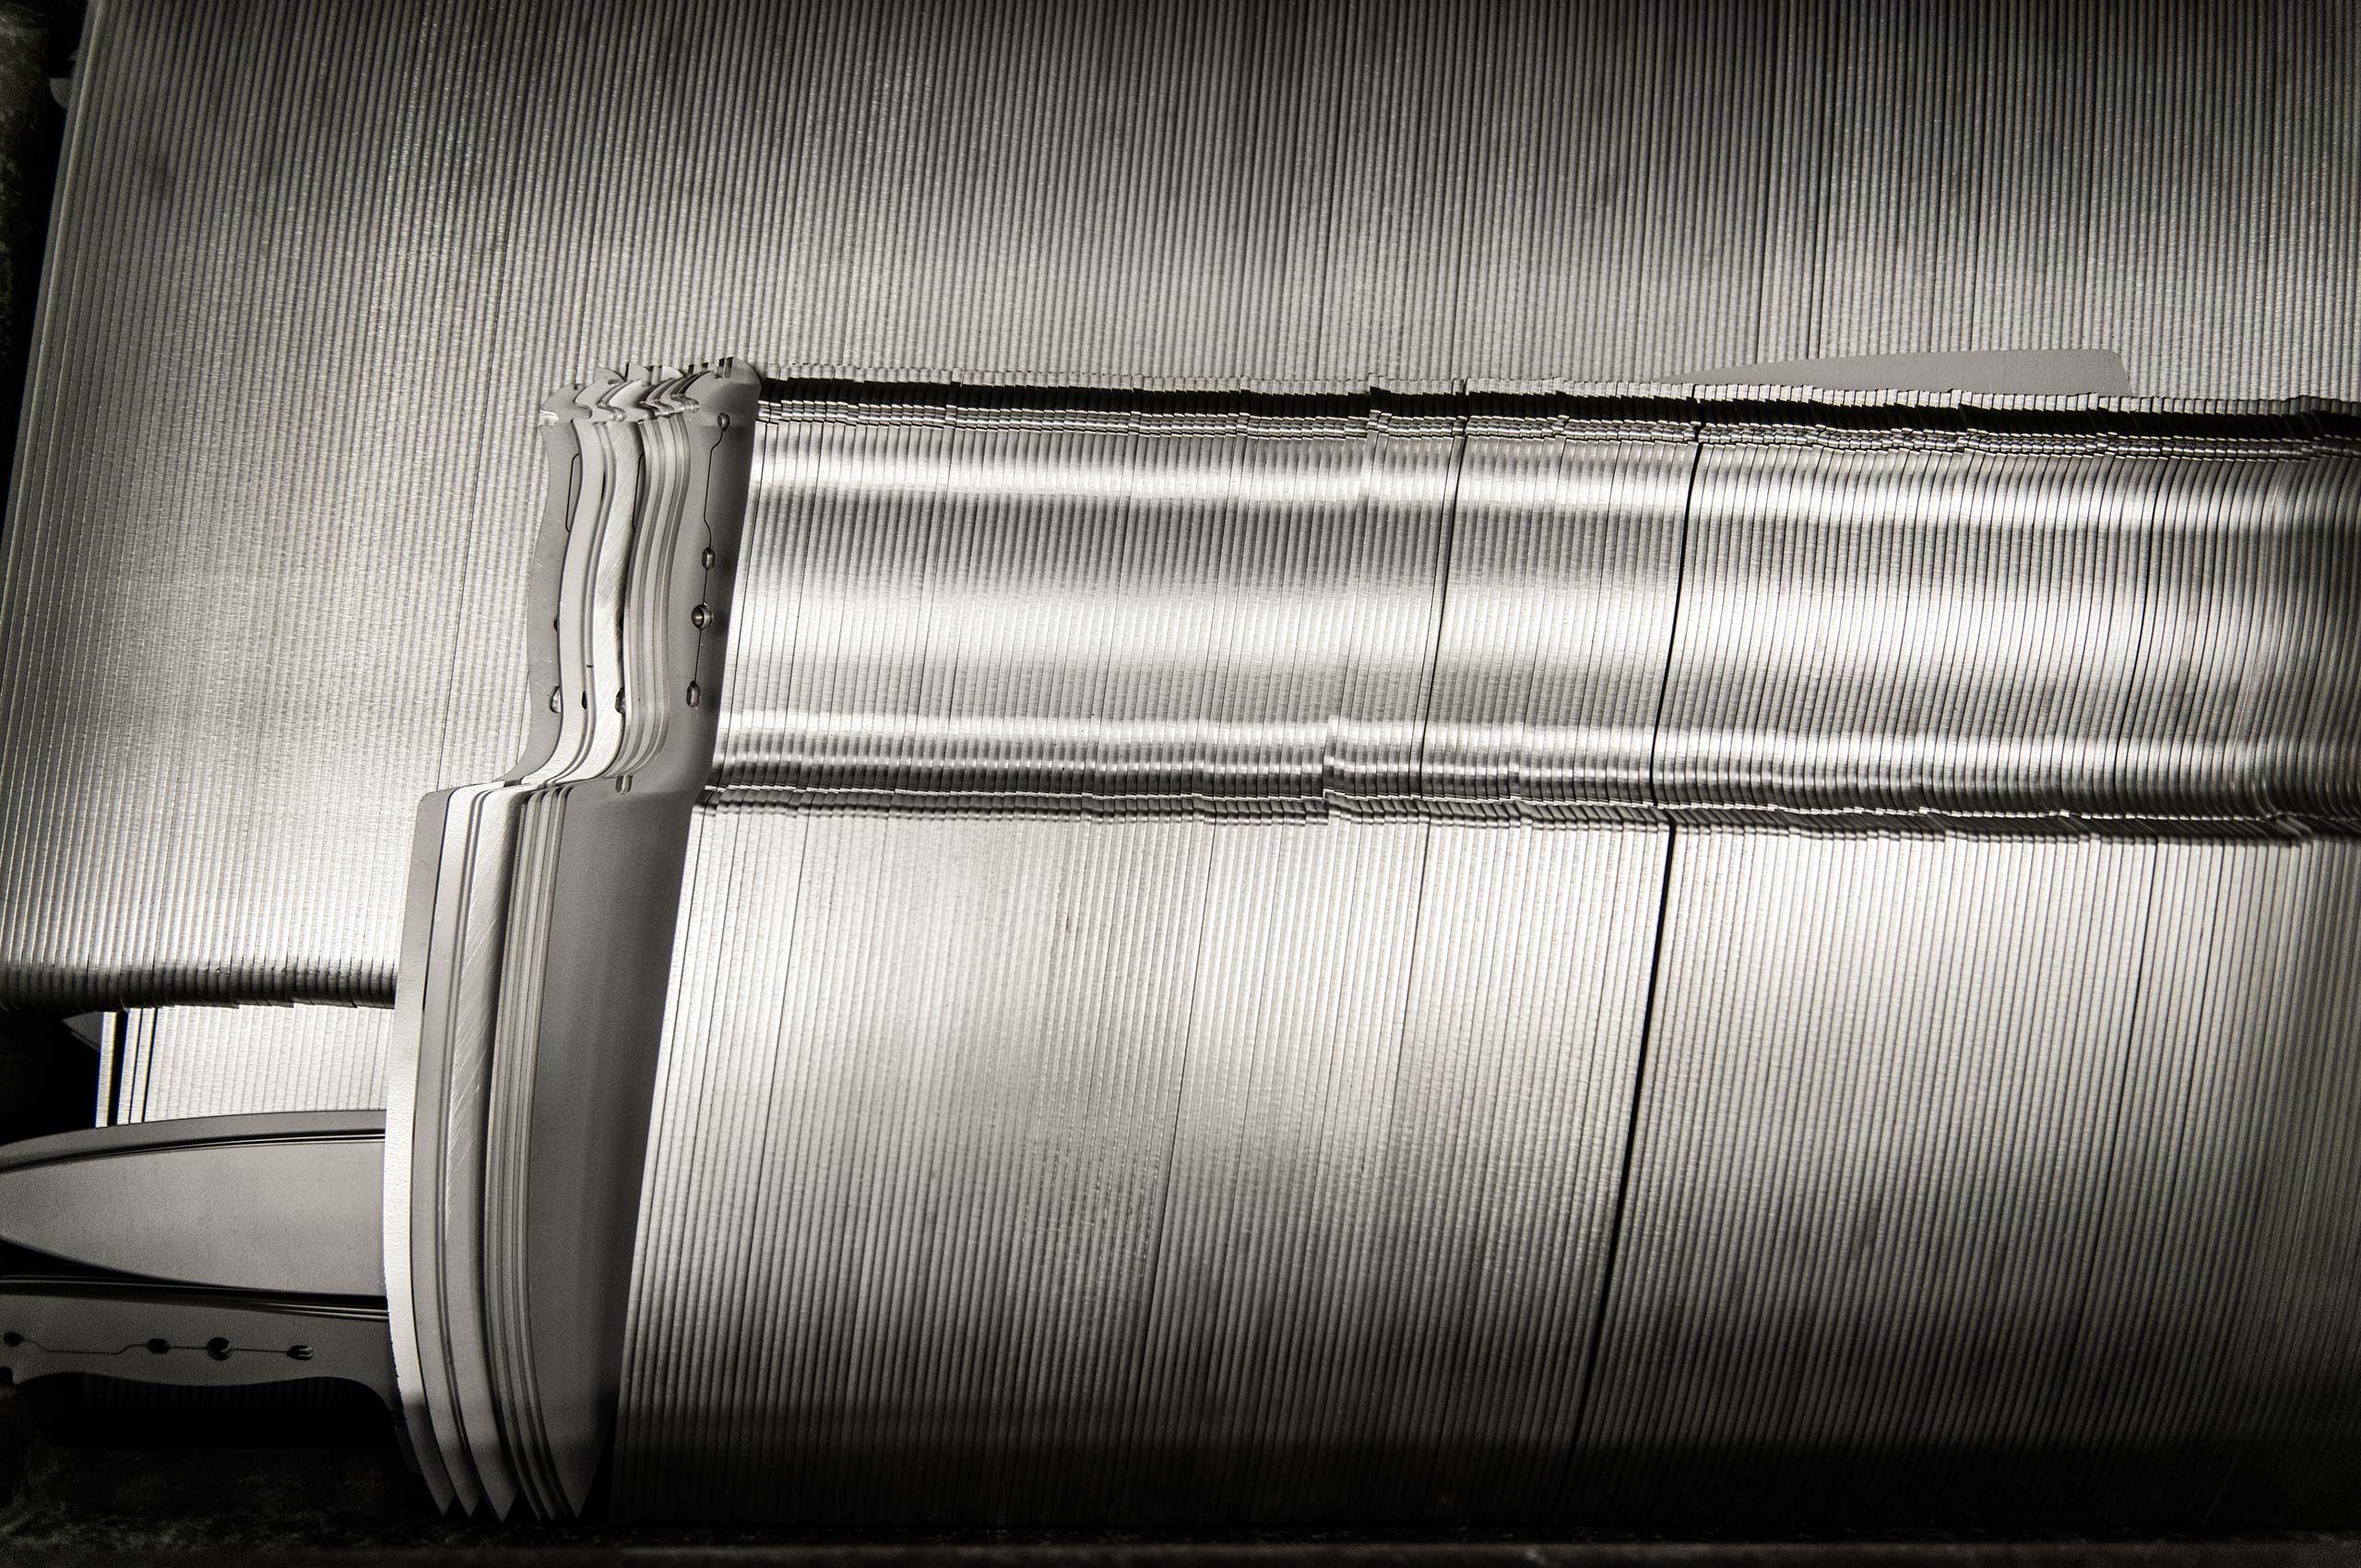 knife-manufacturing-wusthof-factory-HenrikOlundPhotography.jpg